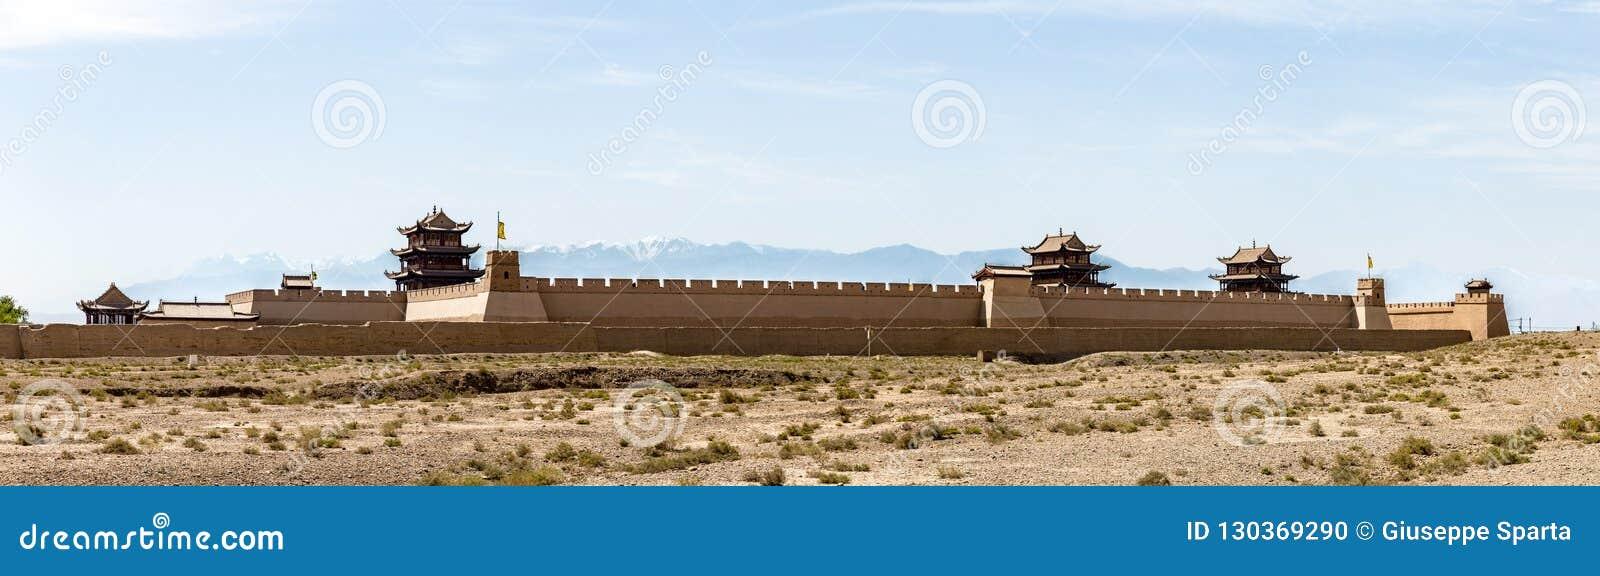 Het Weergeven van Jiayuguan-Fort met sneeuw dekte bergen op backgrond, Gansu, China af